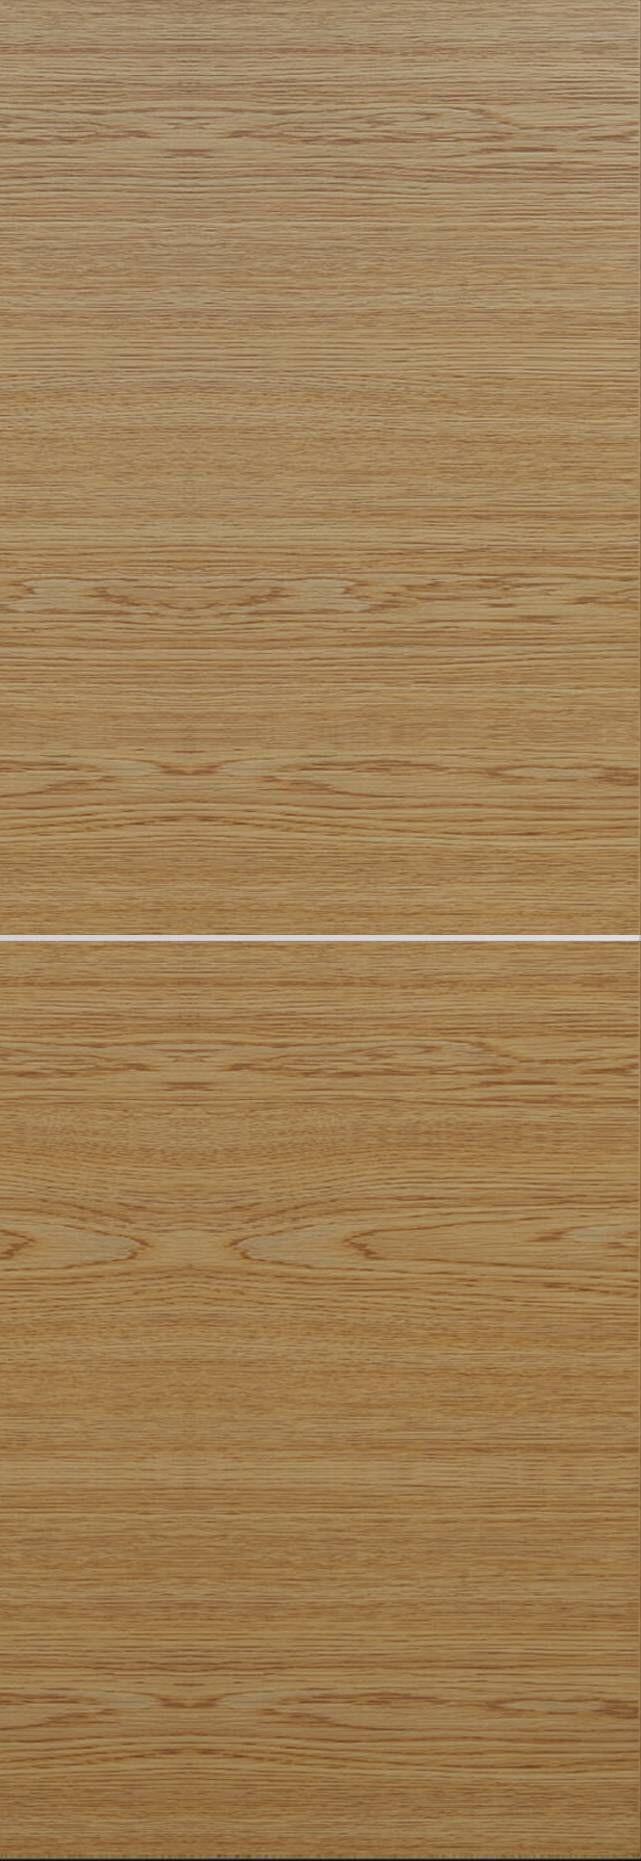 Tivoli Б-3 Invisible цвет - Дуб карамель Без стекла (ДГ)